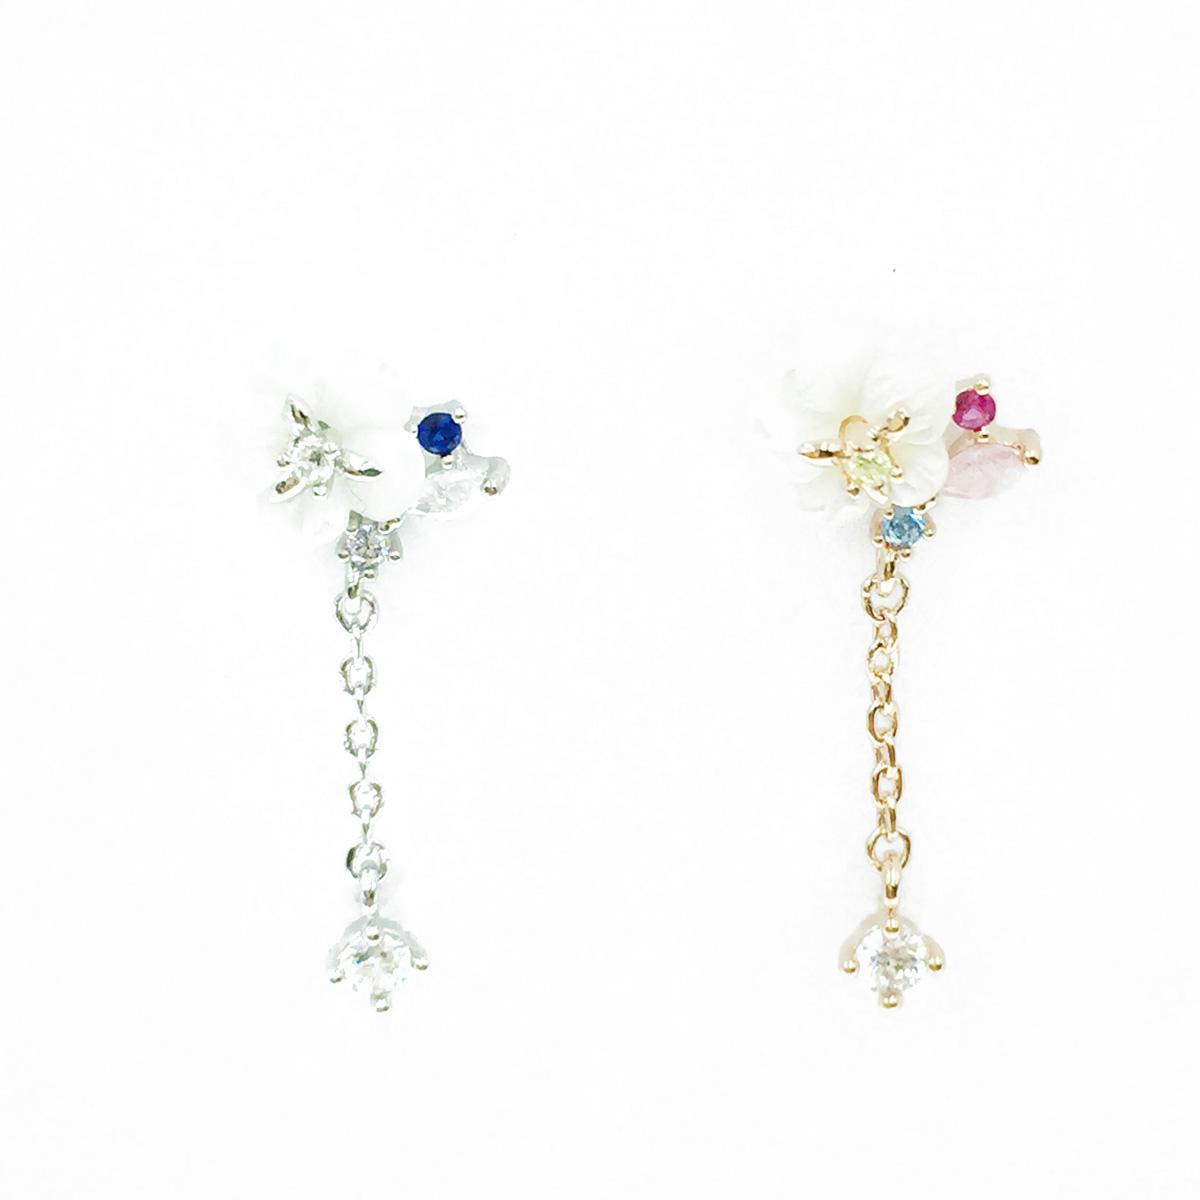 韓國 不鏽鋼 小白花 水鑽 單支後轉 垂墜感 耳針式耳環